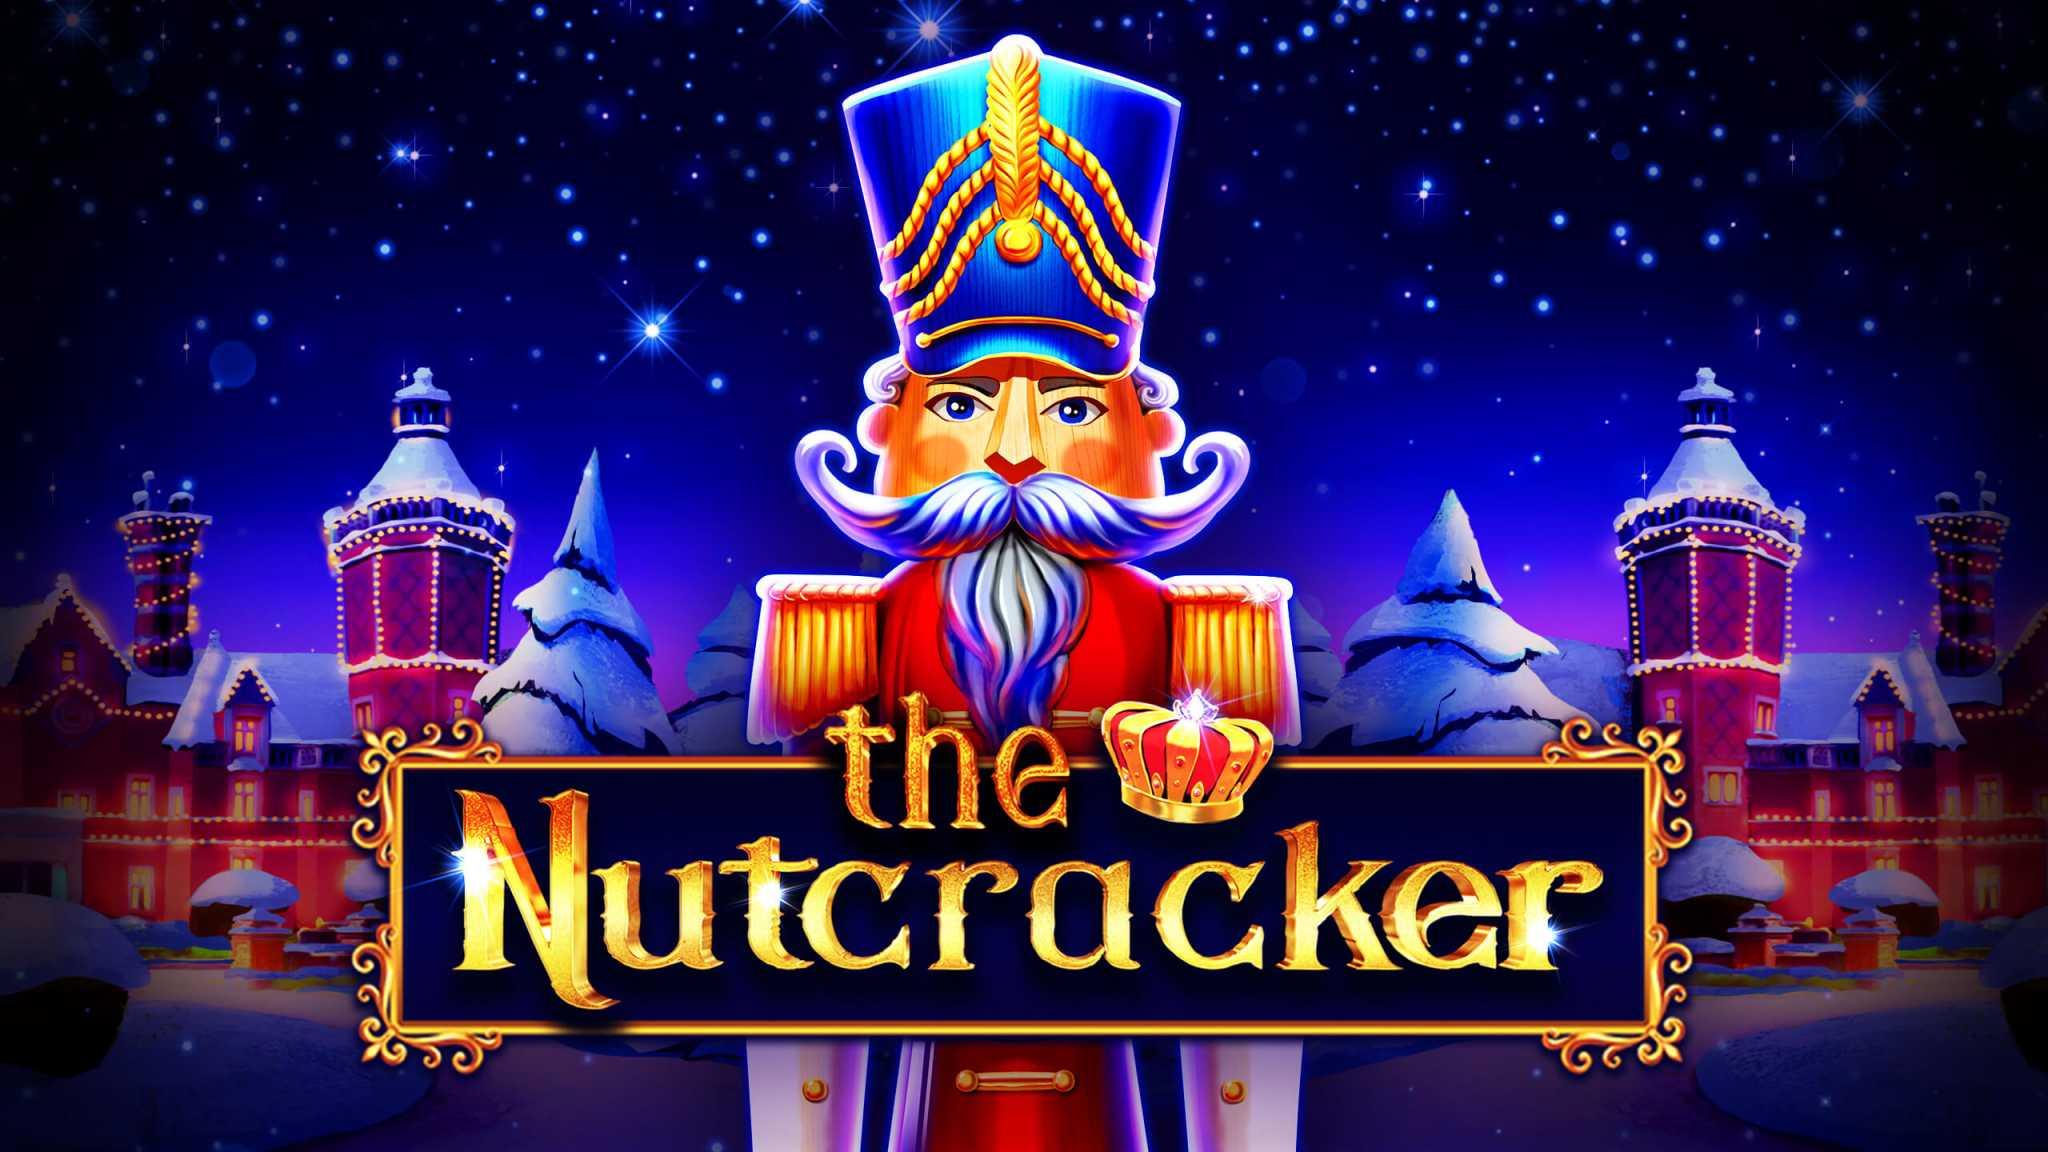 The Nutcracker - Jocuri cu pacanele in cazinouri iSoftBet